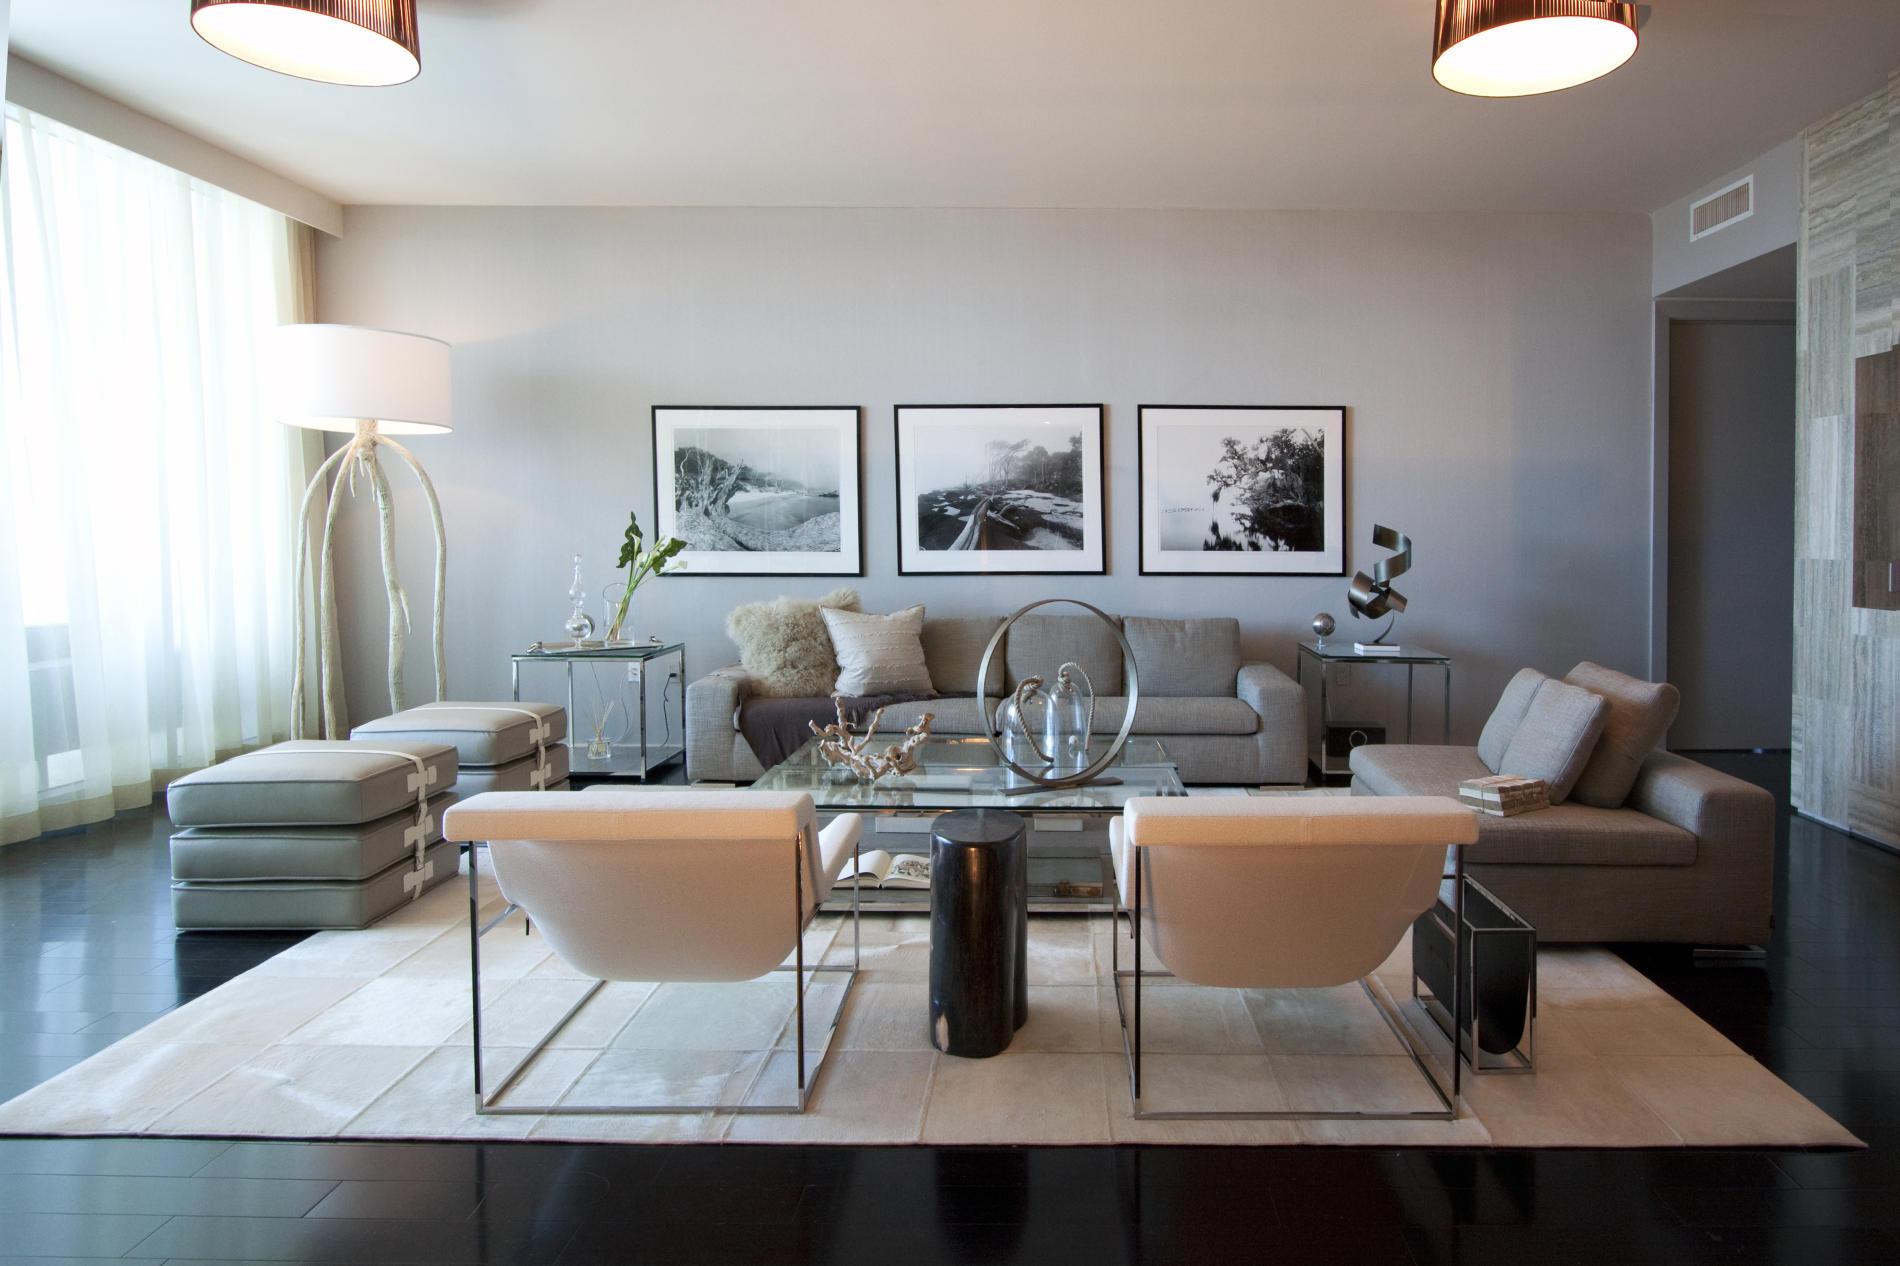 современный дизайн интерьера гостиной.jpg